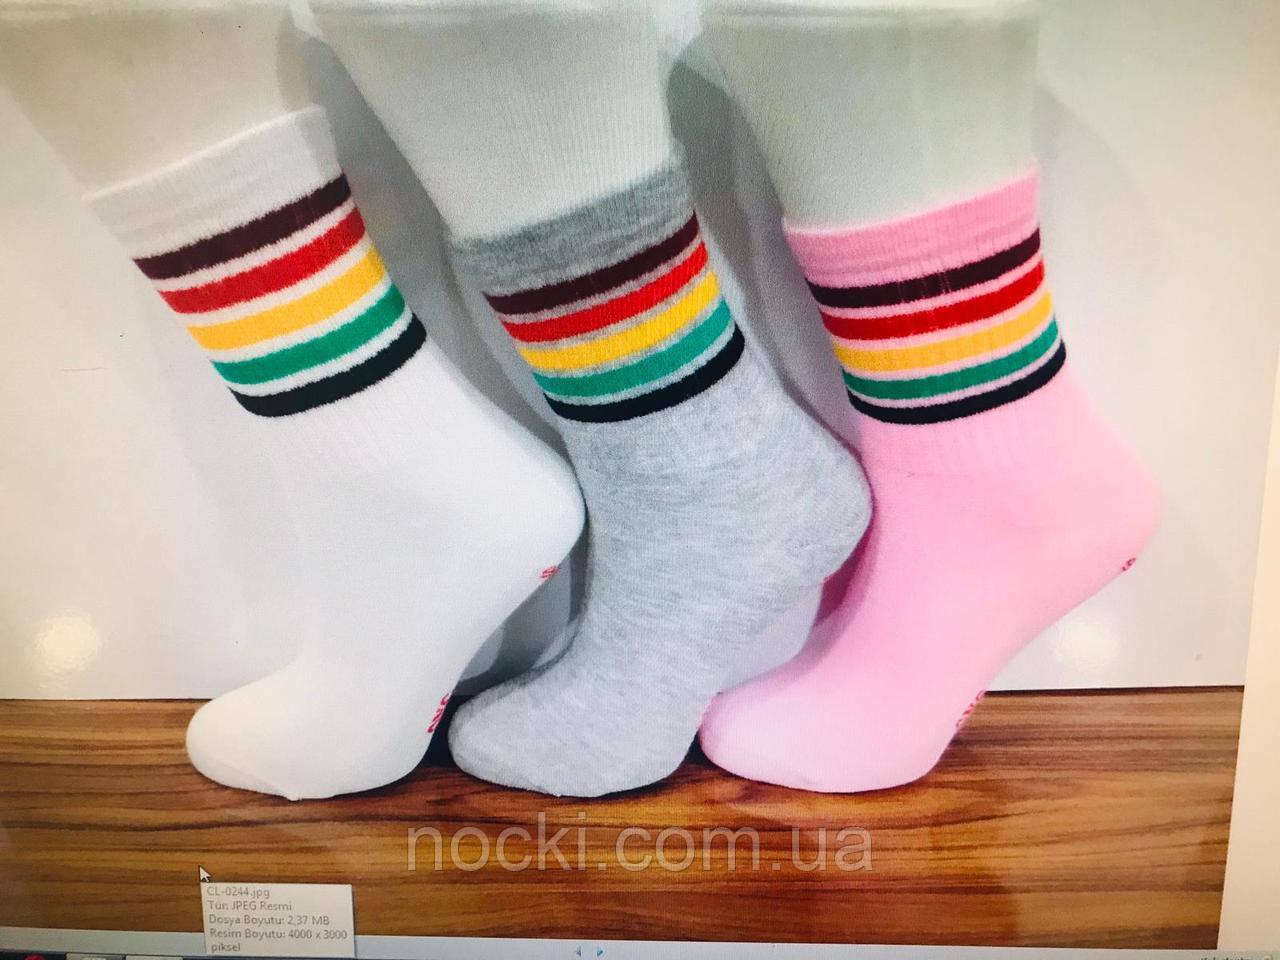 Дитячі шкарпетки стрейчеві комп'ютерні Onurcan б/р 7 0243